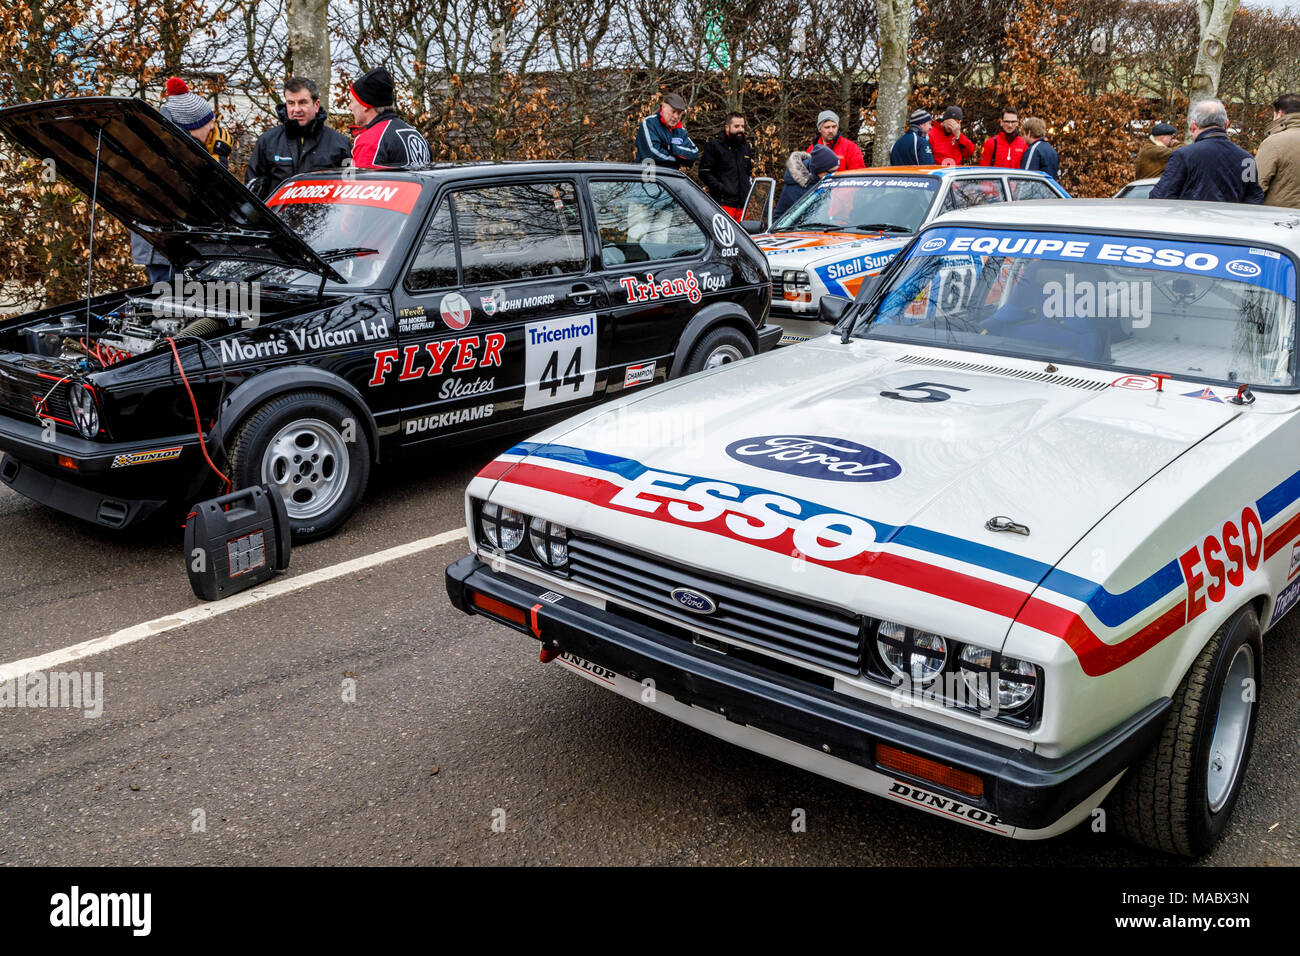 Teilnehmer für die Gerry Marshall Trophy Rennen im Fahrerlager in Goodwood 76th Mitgliederversammlung, Sussex, UK gesammelt. Stockbild